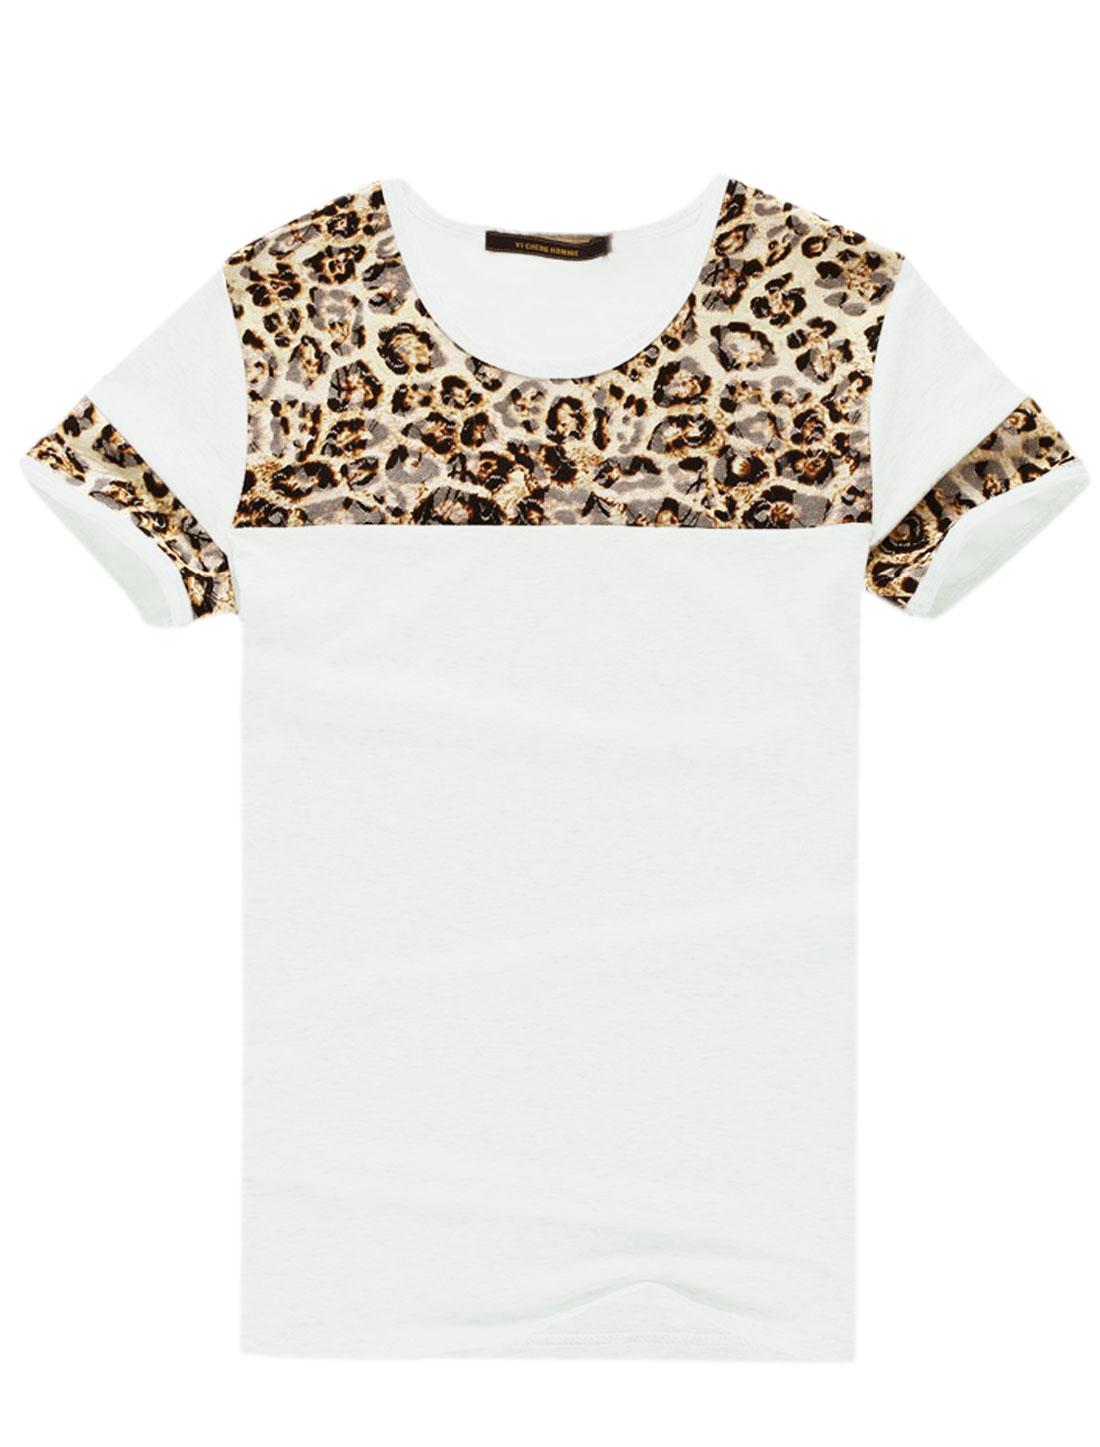 Men Short Sleeve Round Neck Leopard Print T-Shirt White Beige M